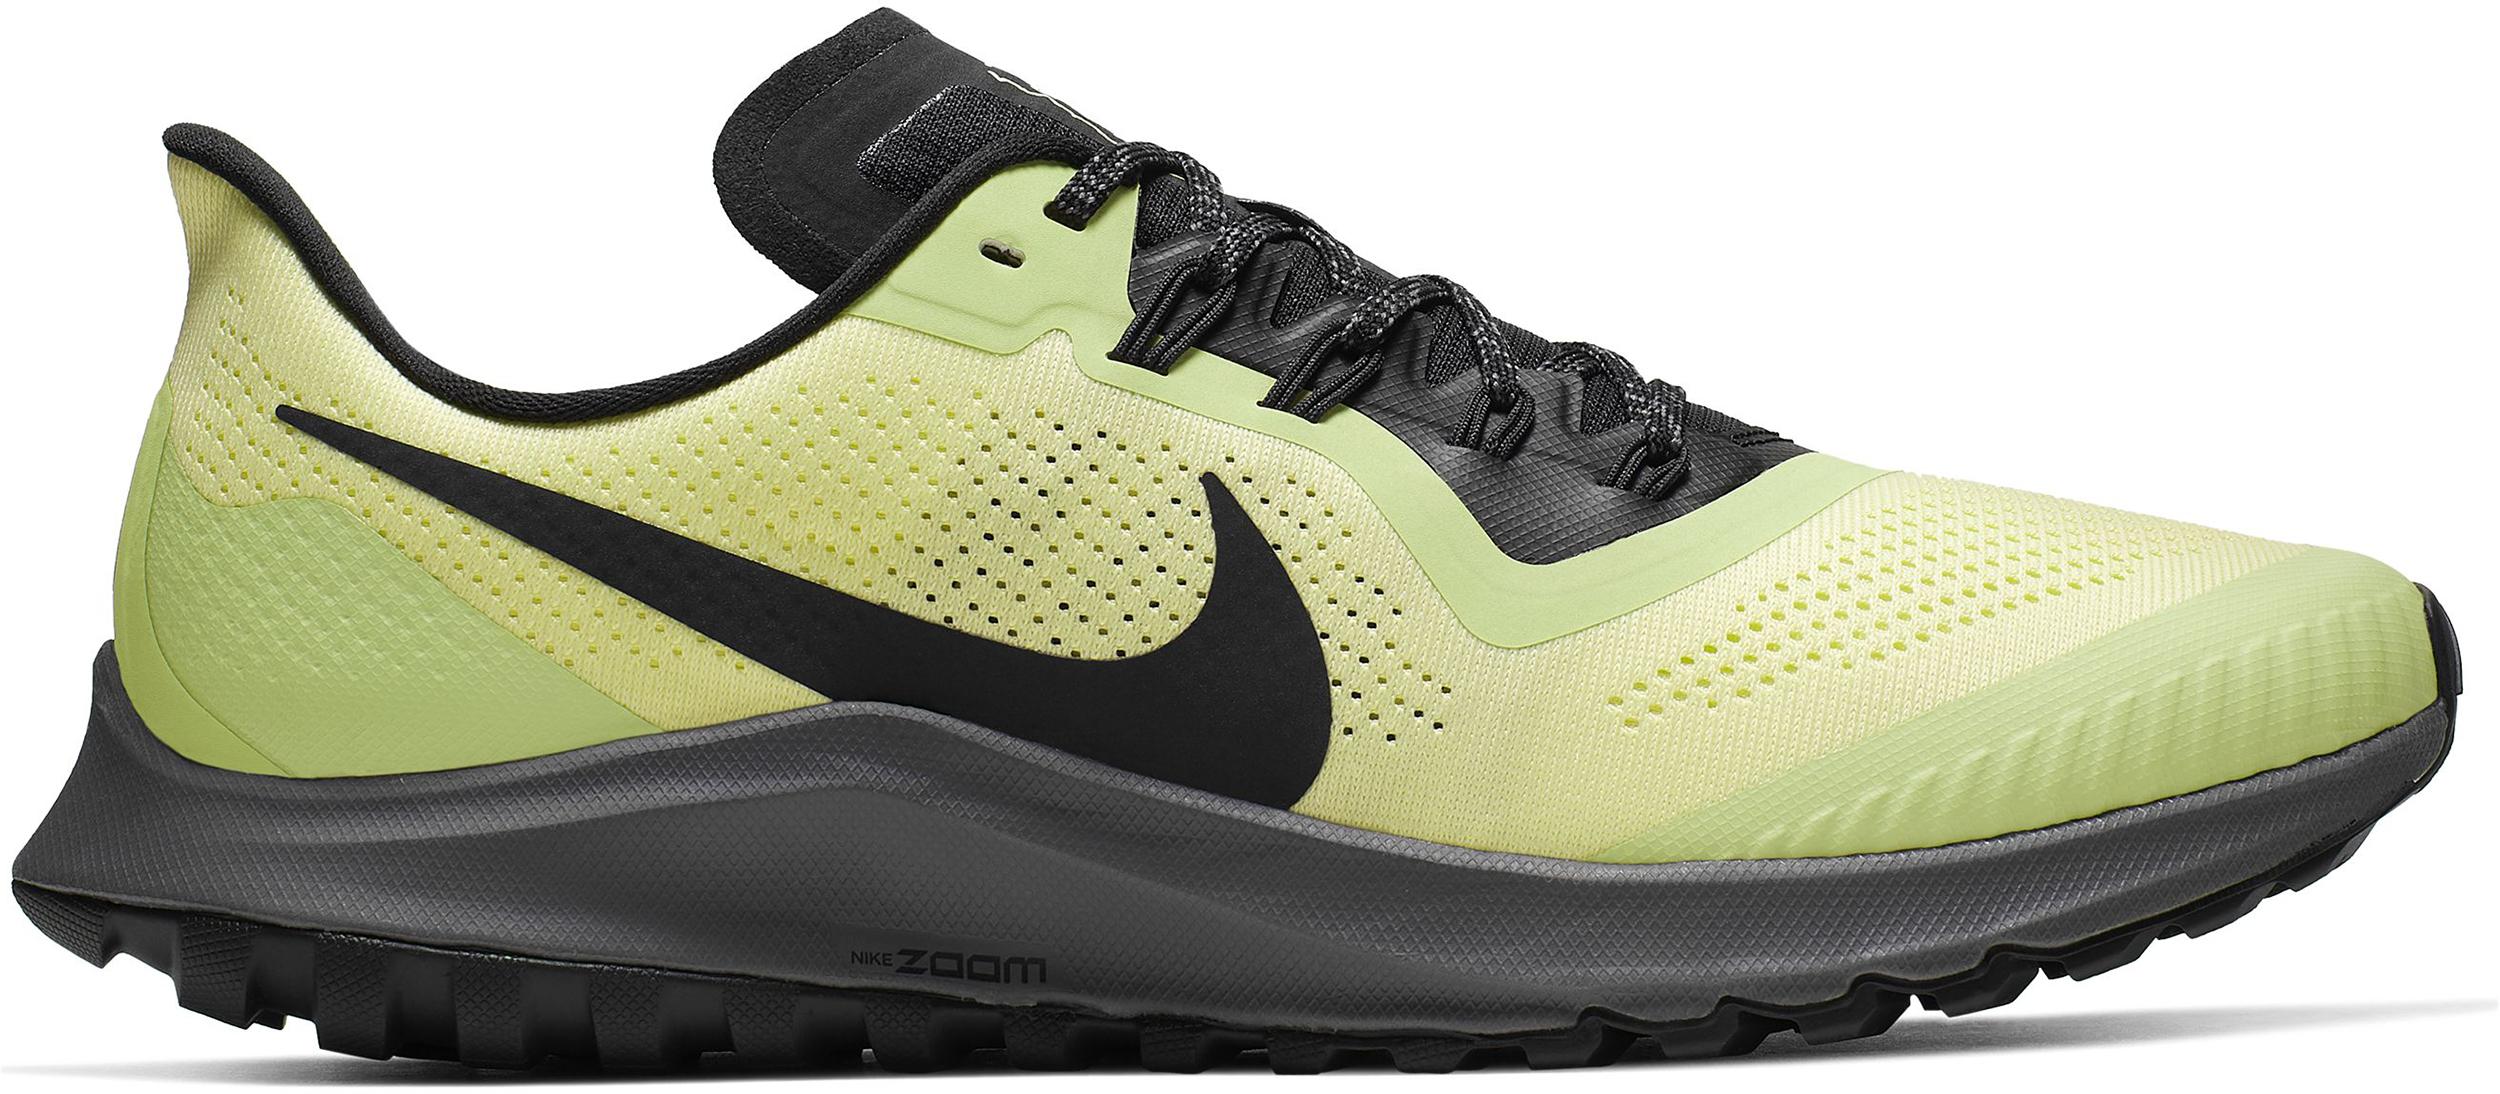 premium selection 84dec 378bd Nike Air Zoom Pegasus 36 Trail Running Shoes - Men's